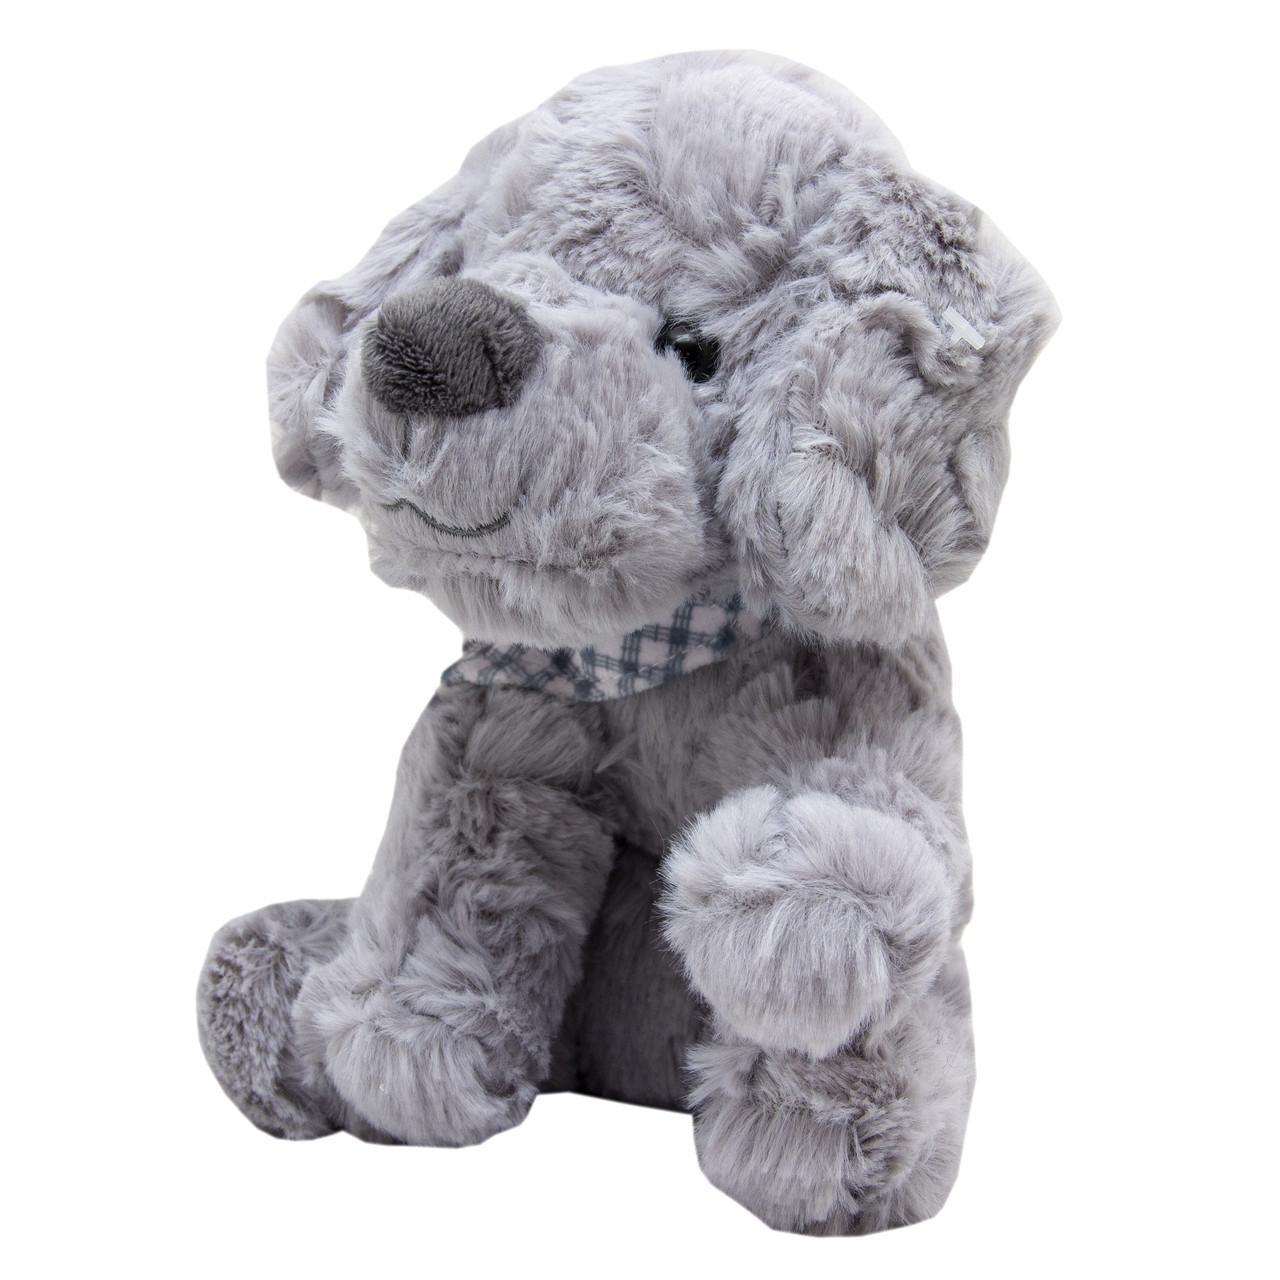 М'яка іграшка Кудлате щеня сірий 18 см (X1626418-2)